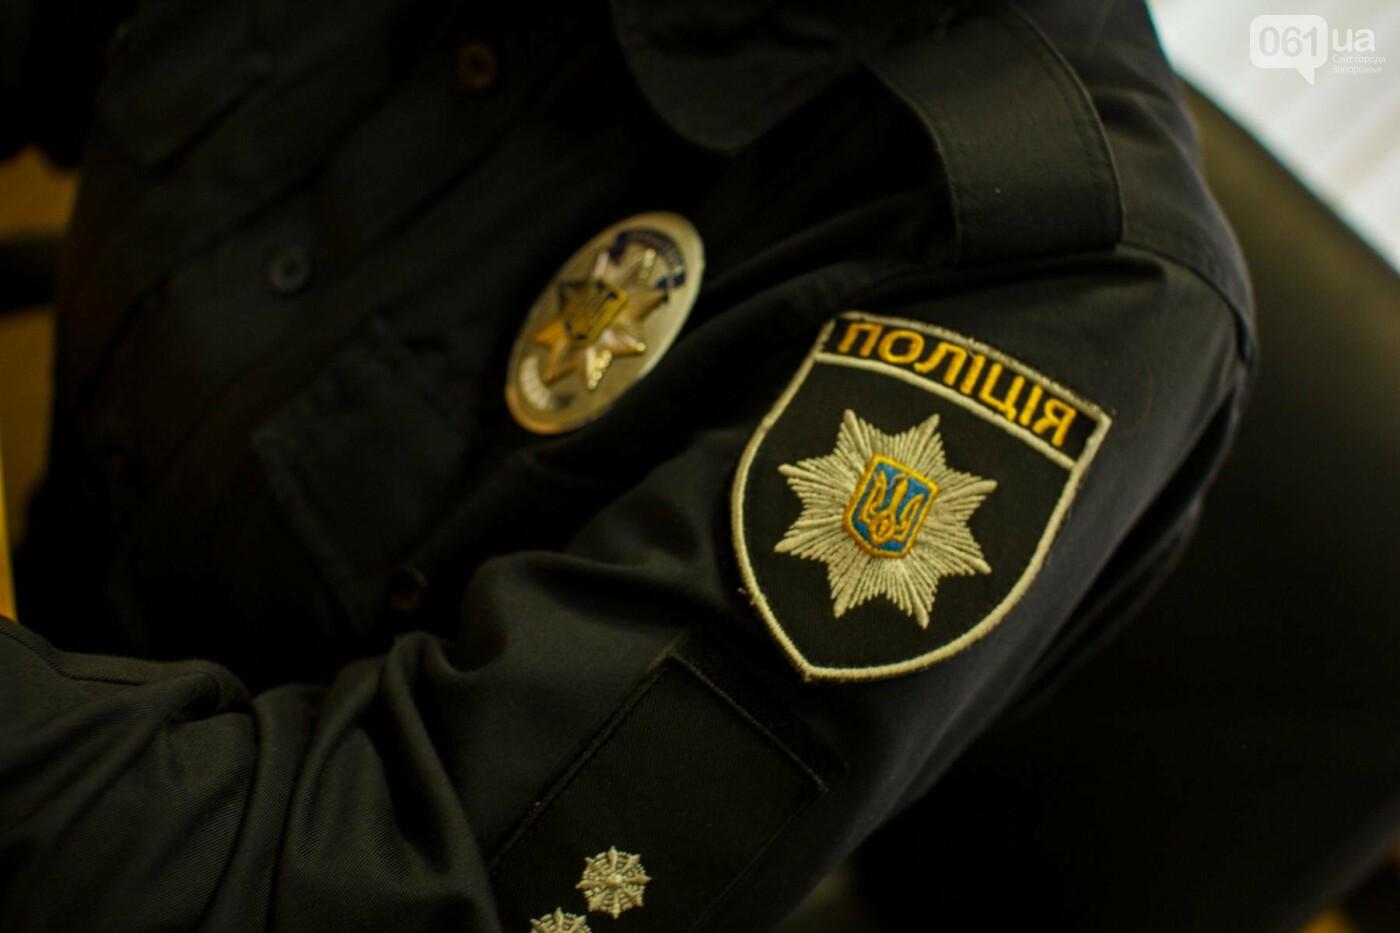 Начальница запорожских патрульных Светлана Михайловская - о женщинах-полицейских, статистике аварий и ДТП с маршрутками (продолжение) , фото-3